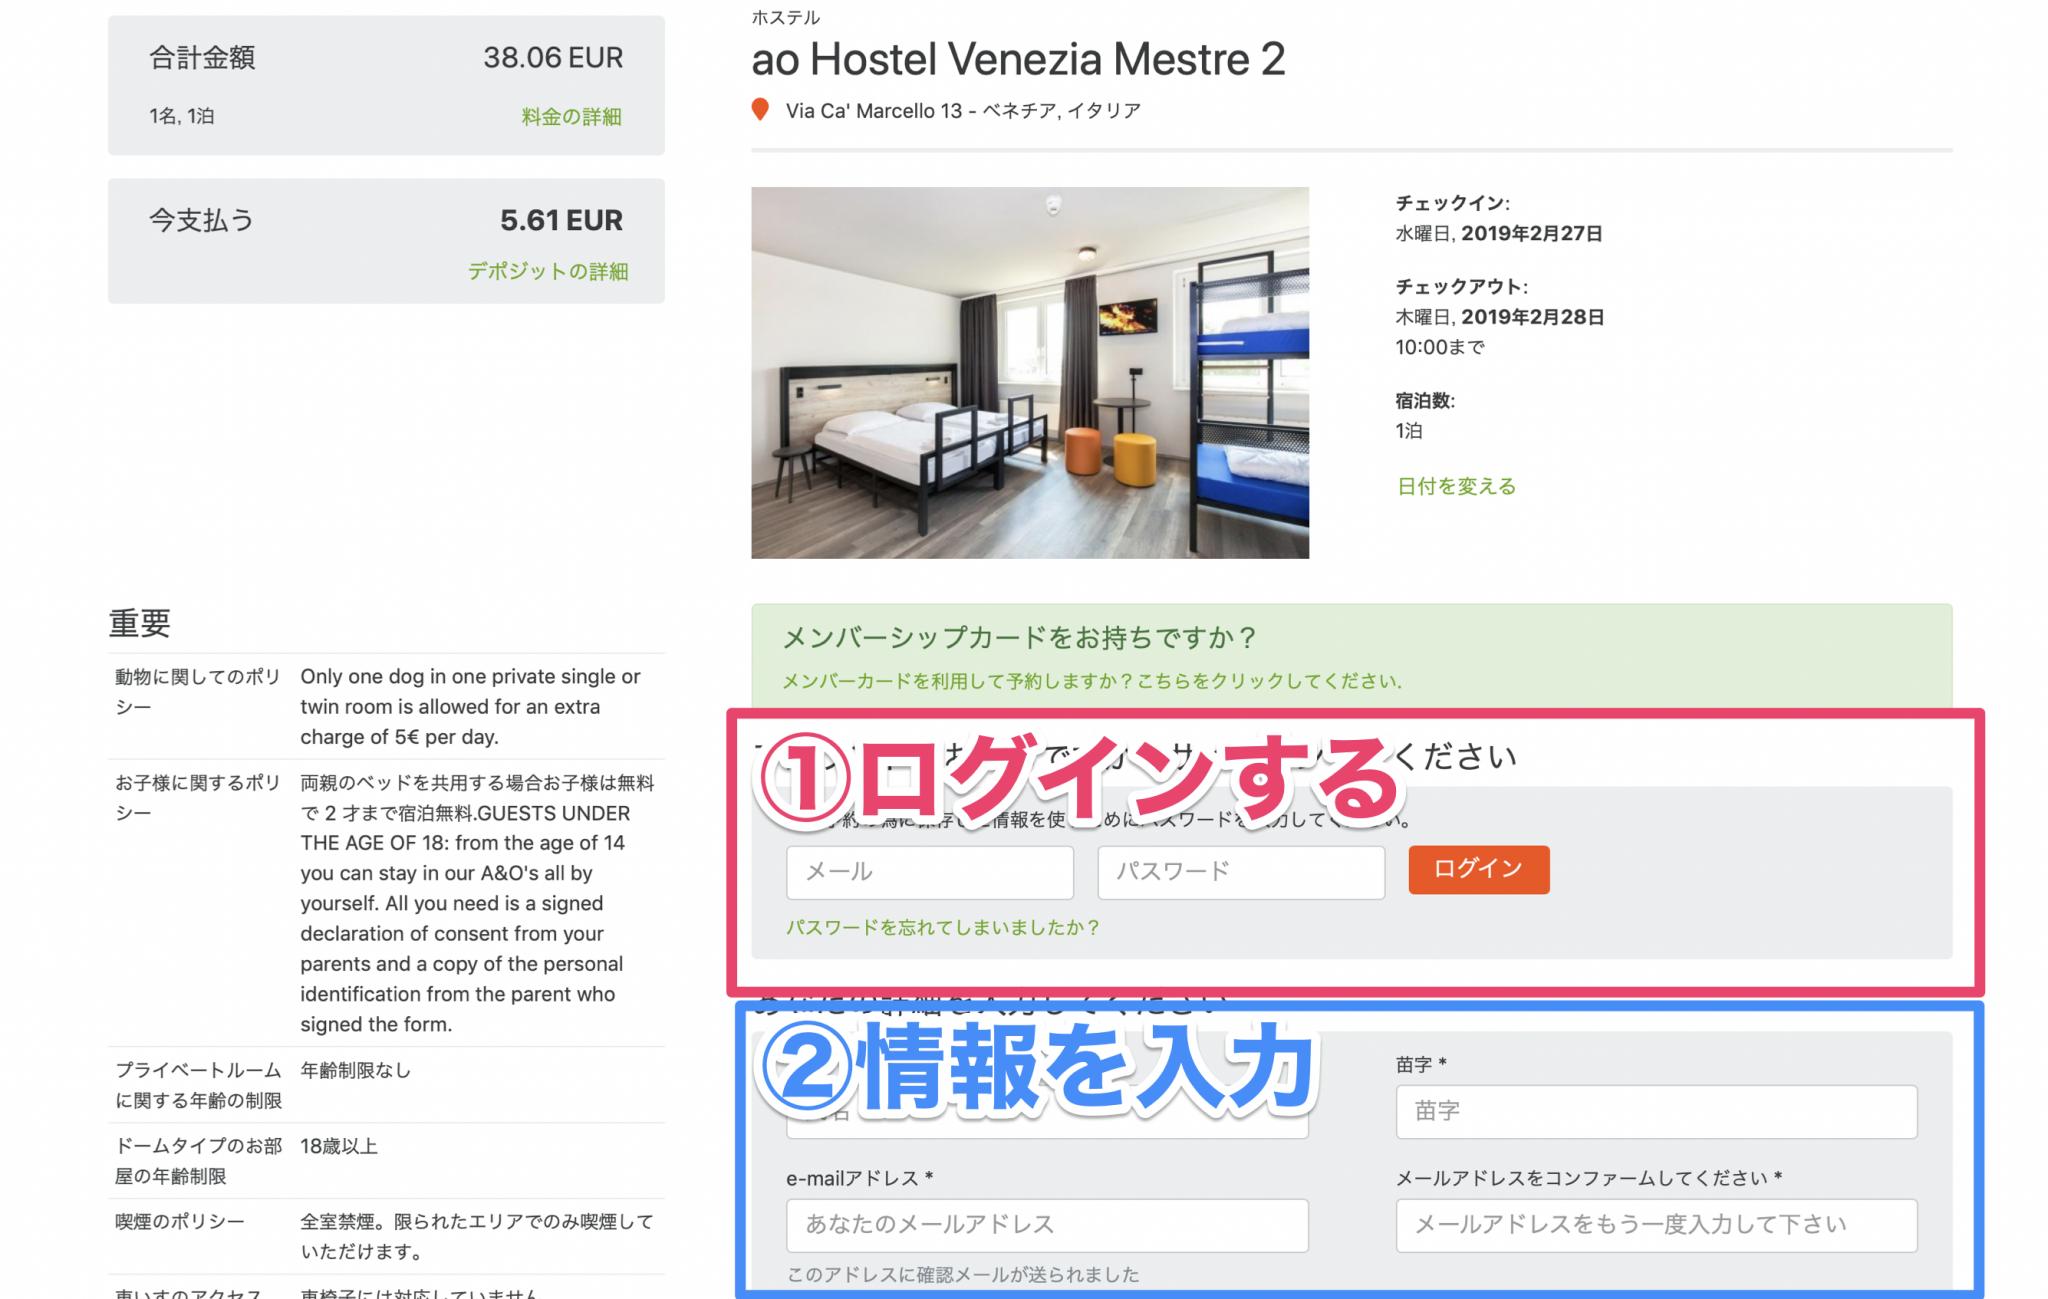 hostelsclubの予約方法